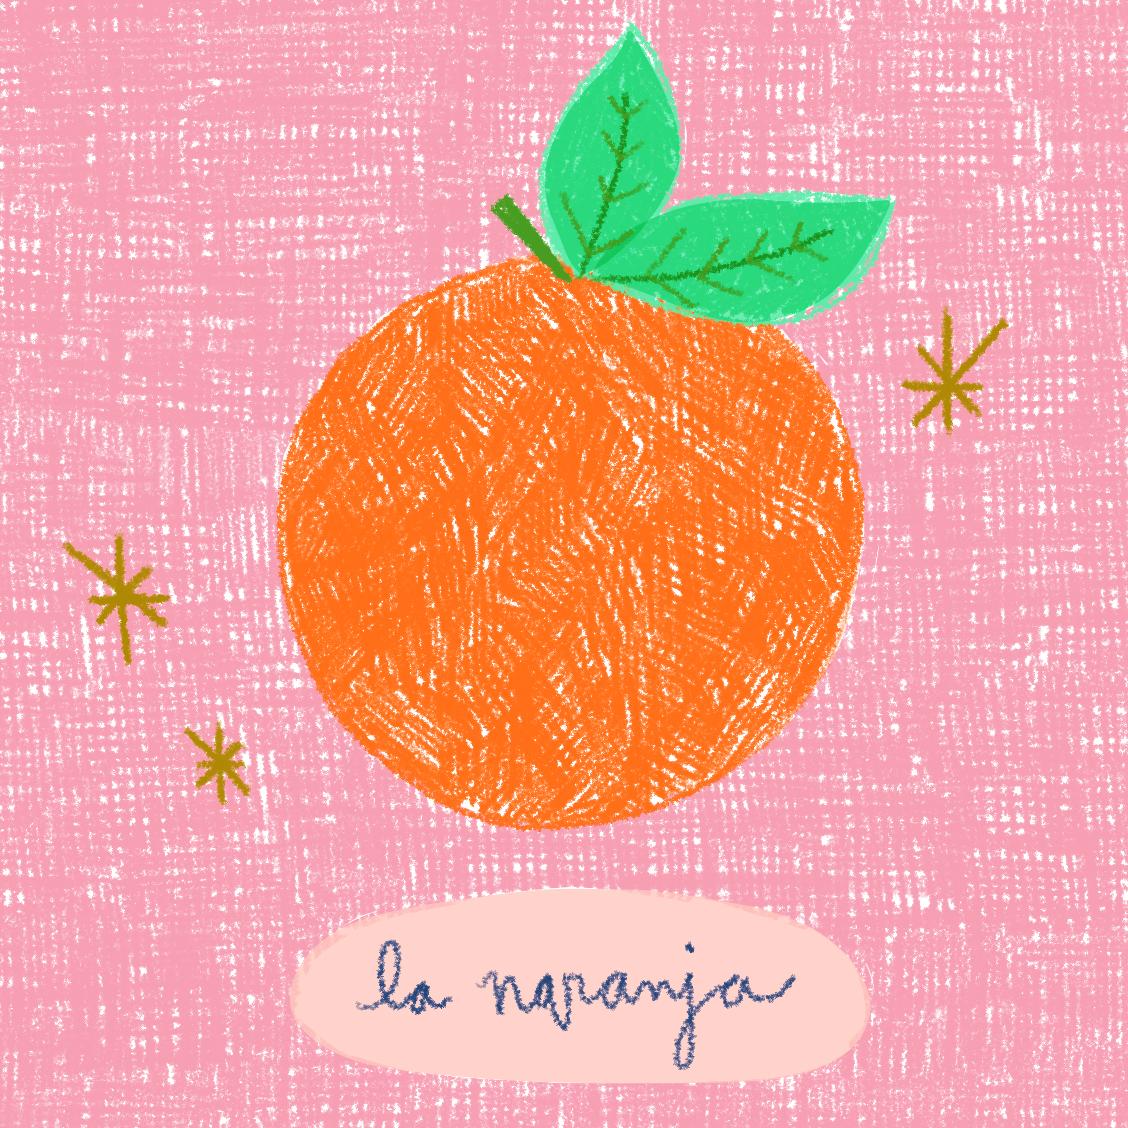 jami darwin naranja.jpg